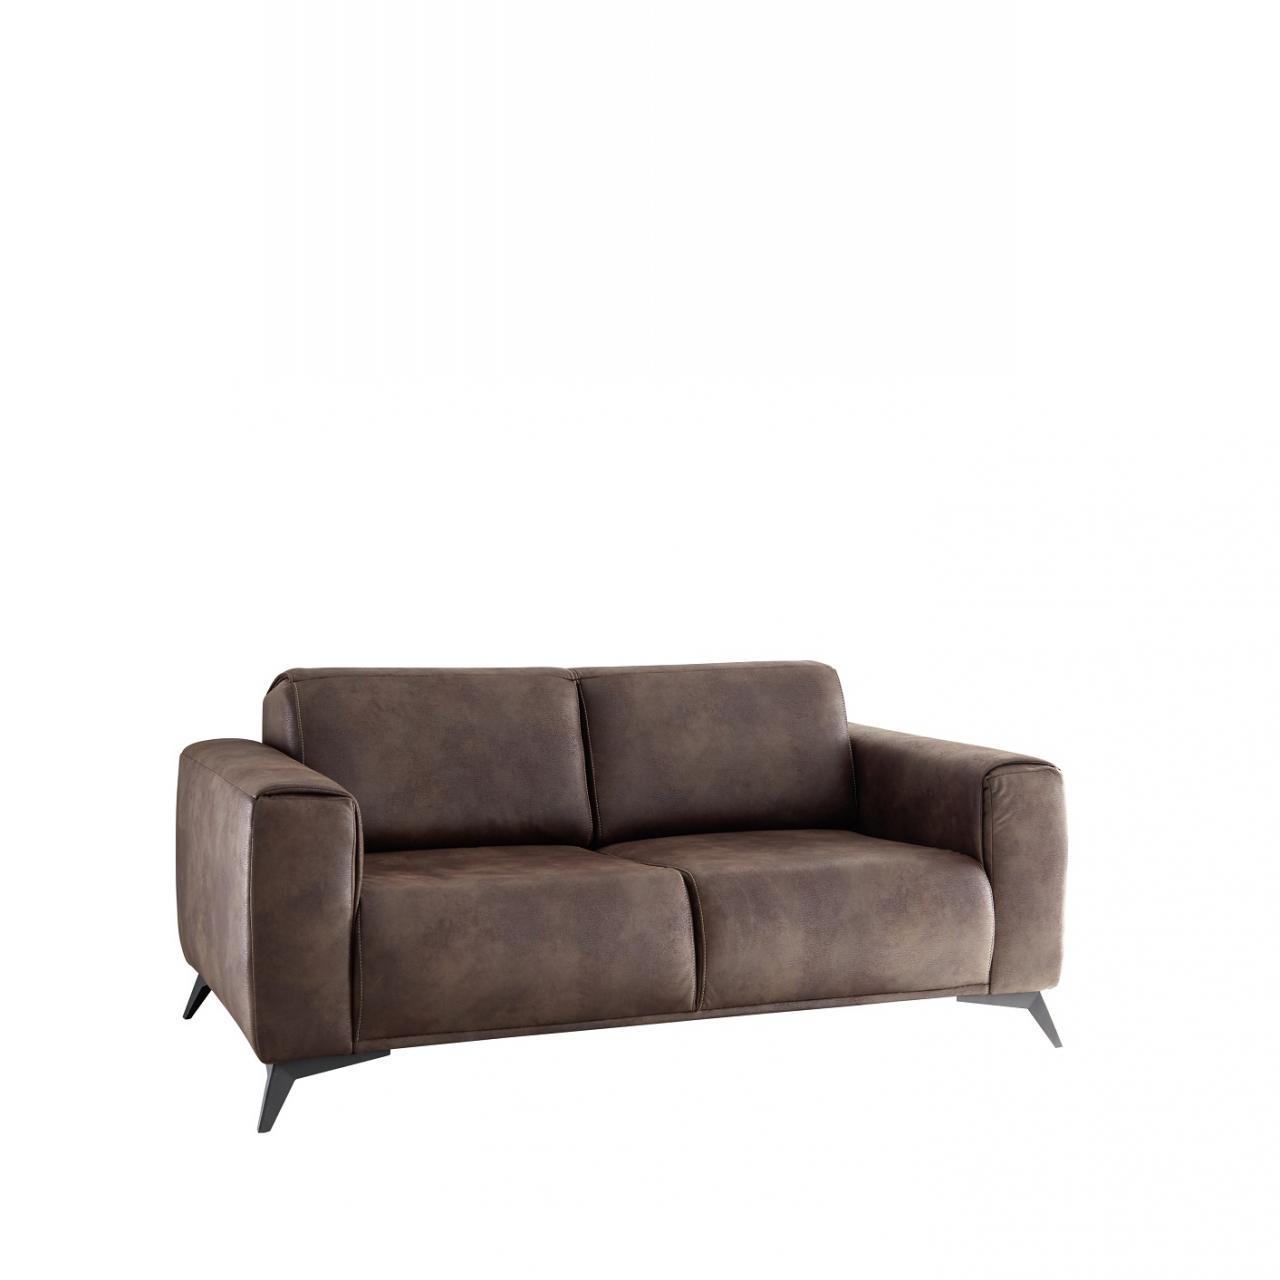 2,5er Sofa Pueblo Stoff 2,5-Sitzer Polstermöbel Maron Metall Polstergarnitur